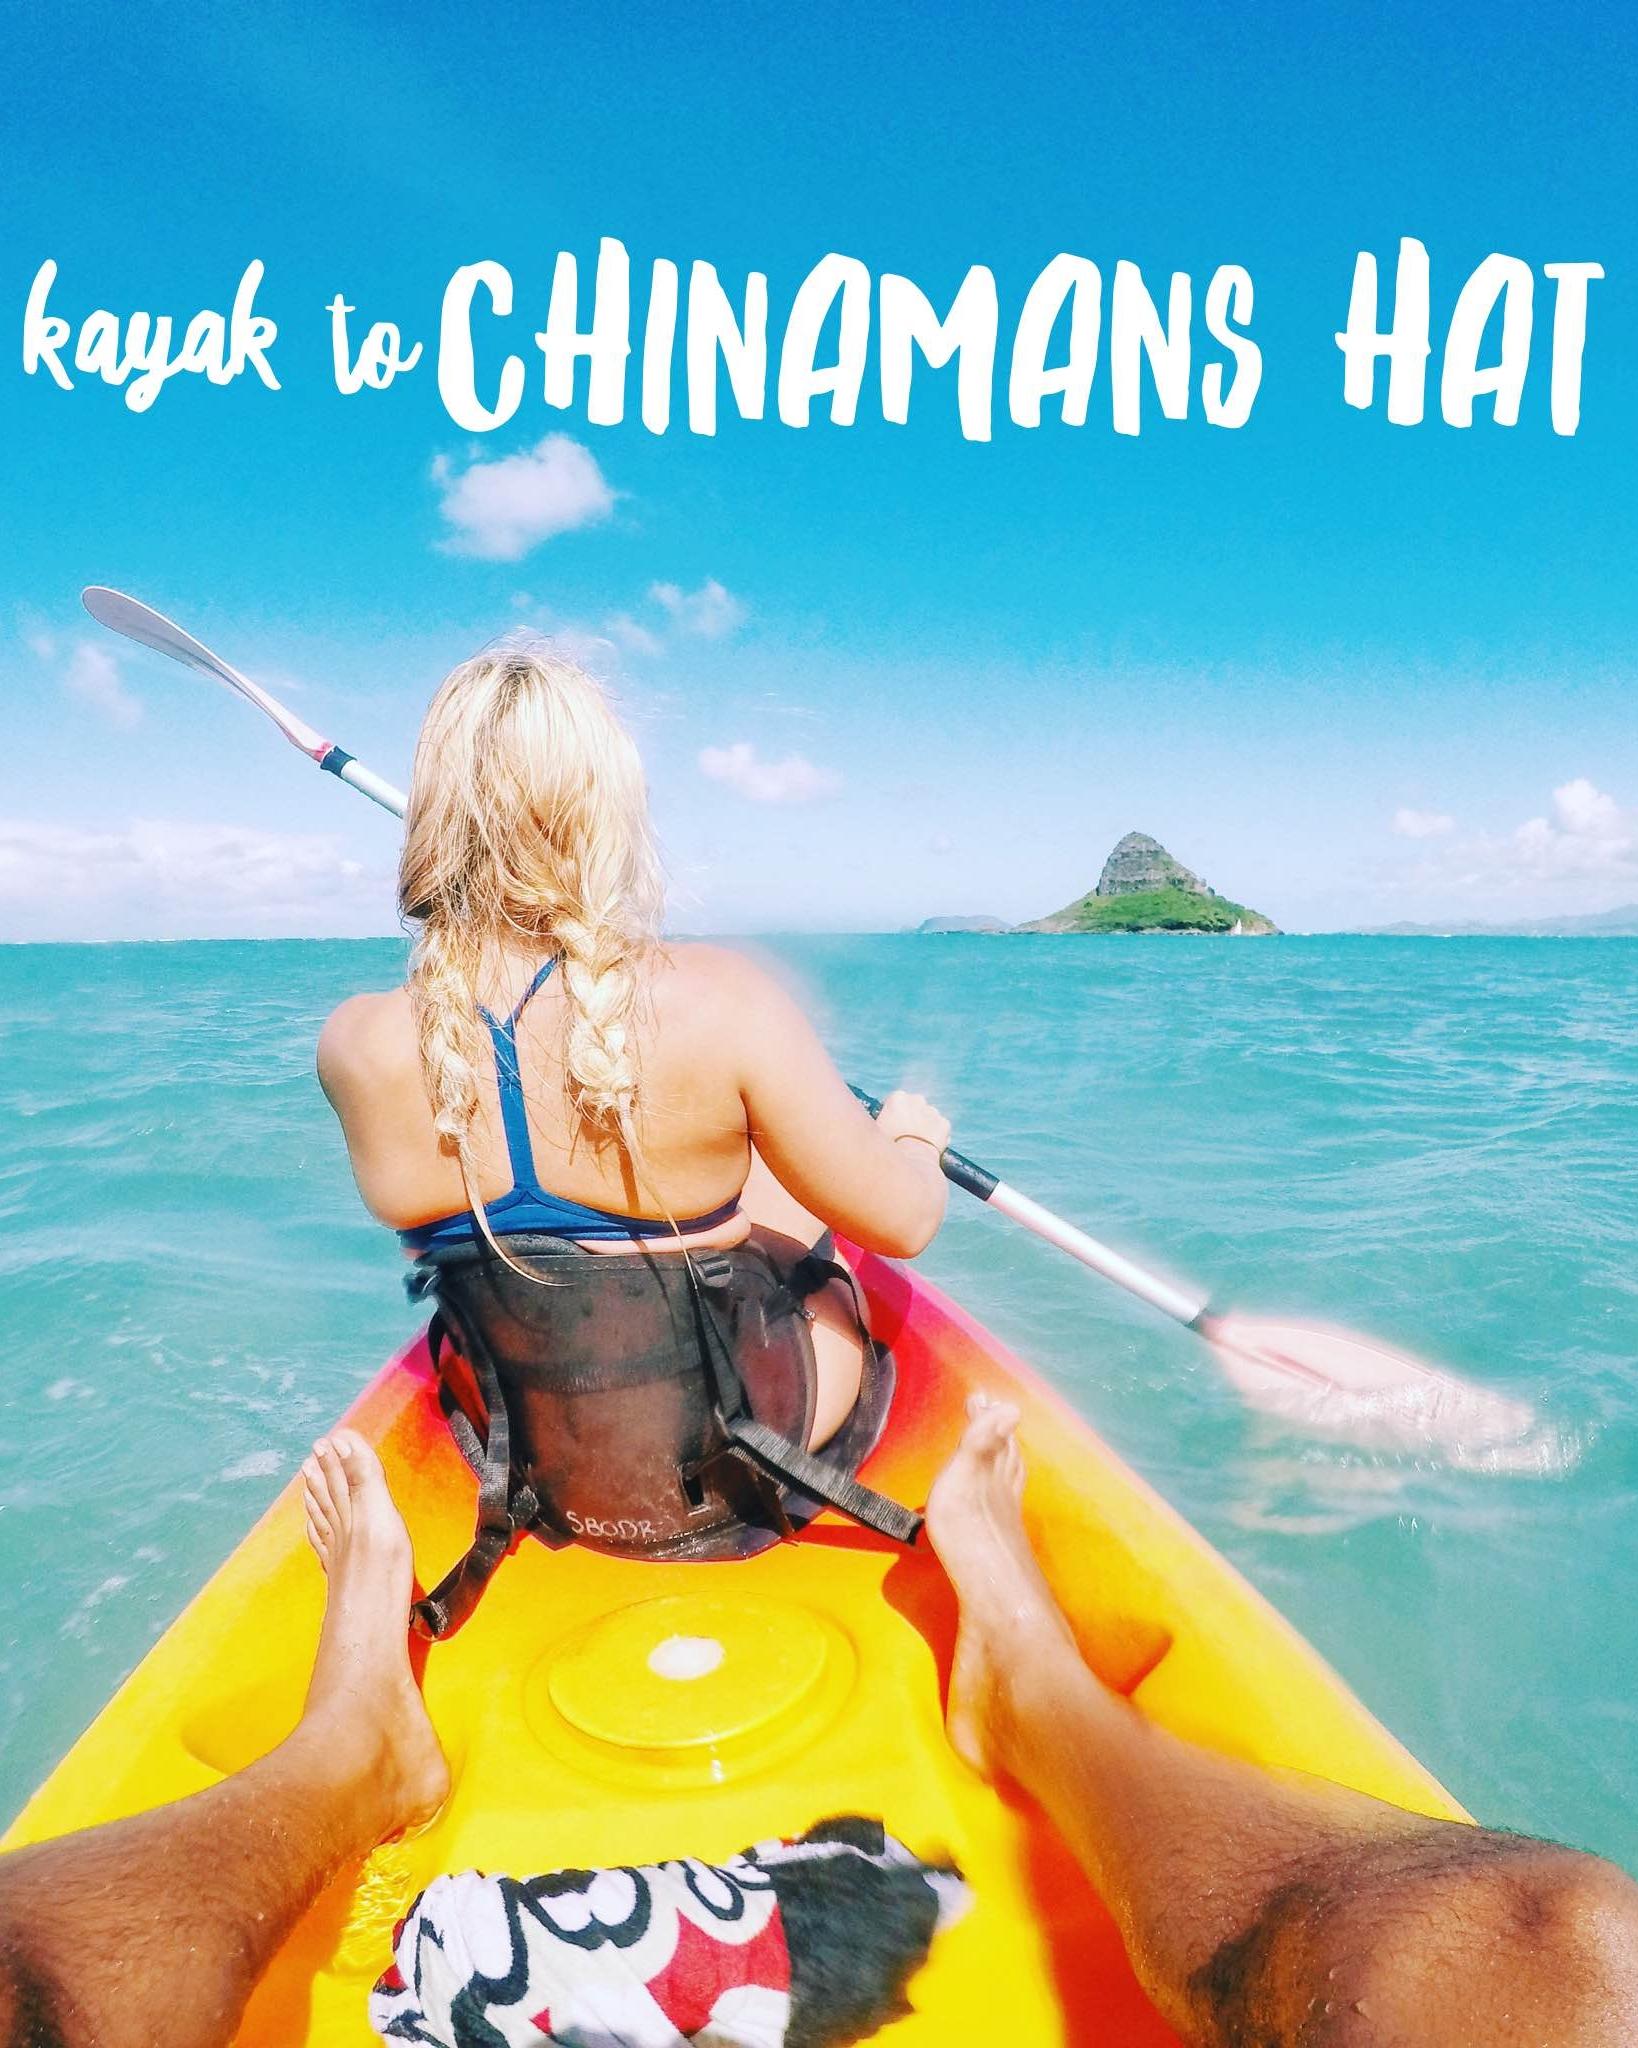 Kayak to Chinamans Hat + SaltWaterVibes